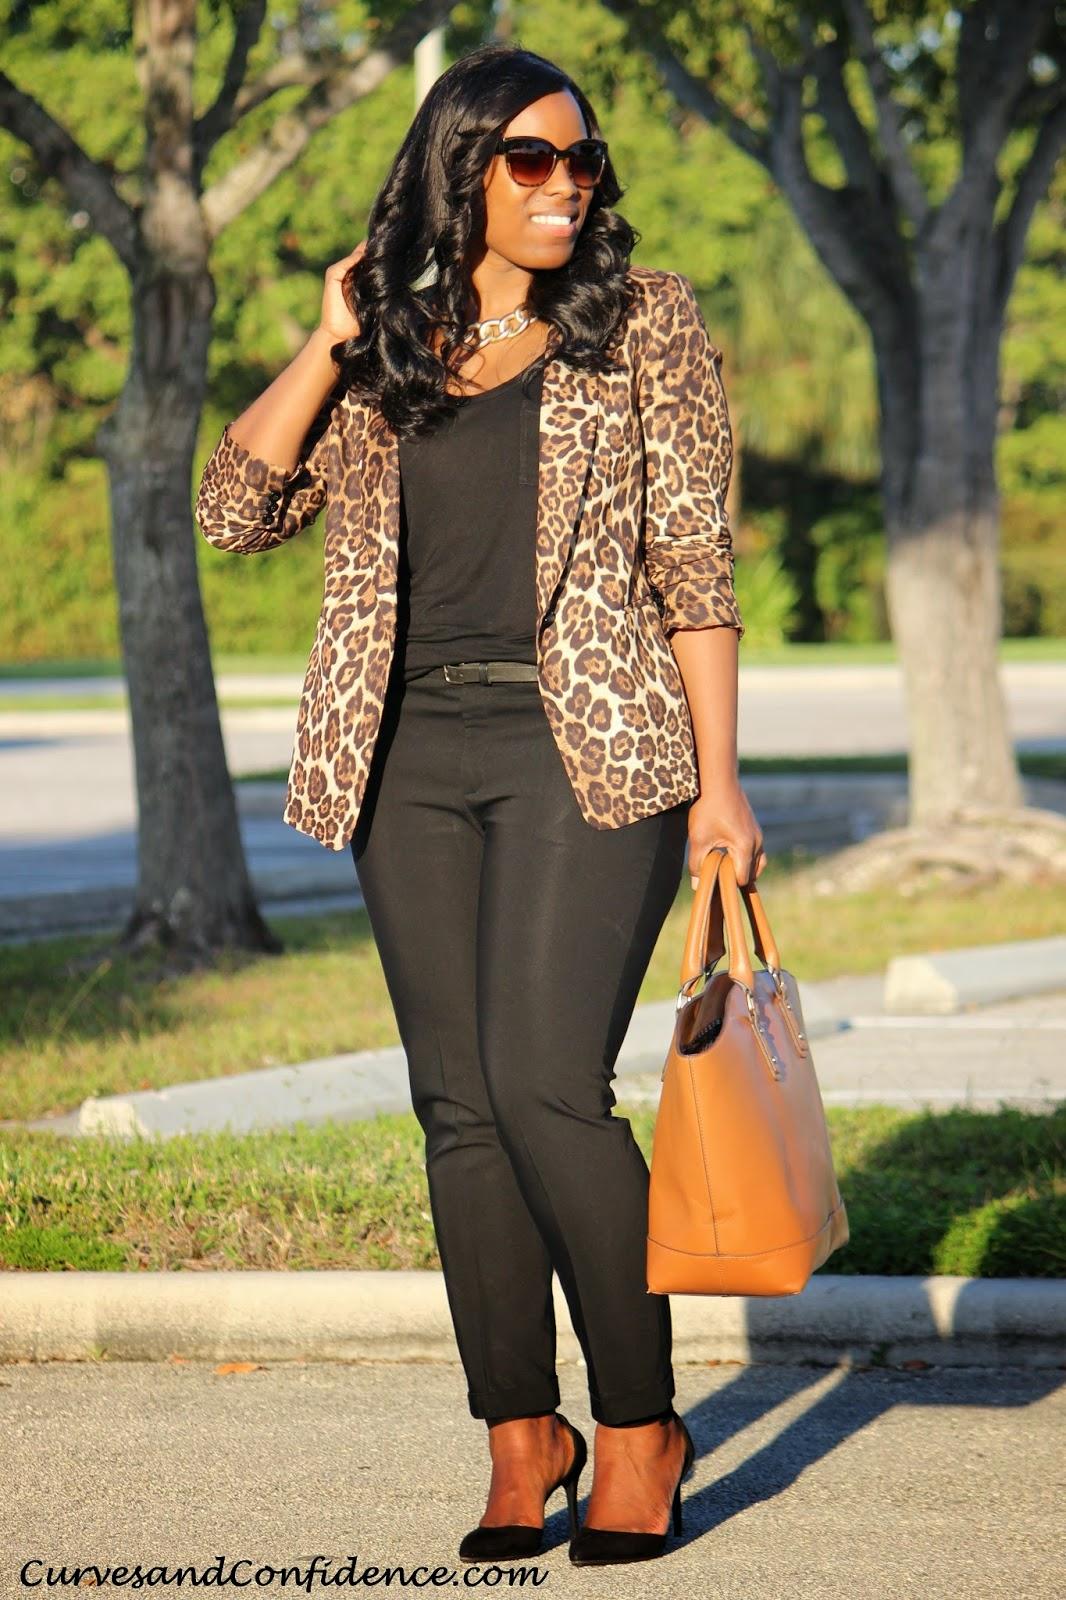 Lookbook fashion for curvy women Fashion style for curvy